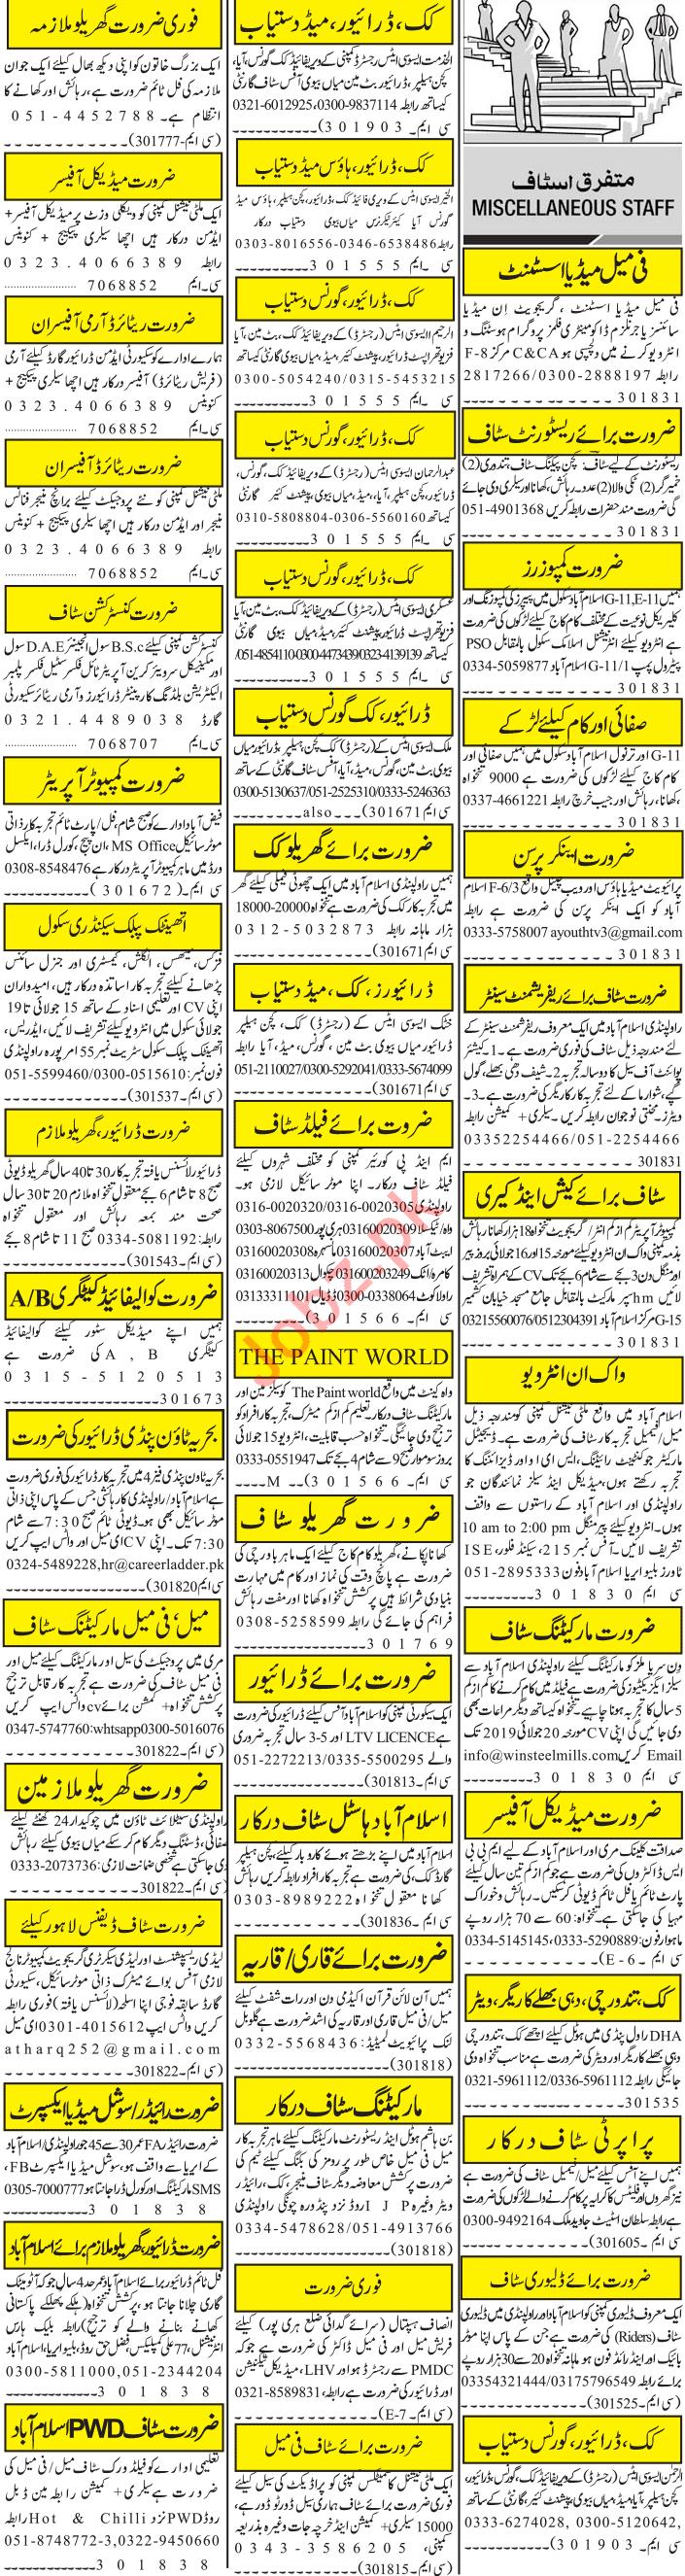 Jang Sunday Rawalpindi Classified Ads 21st July 2019